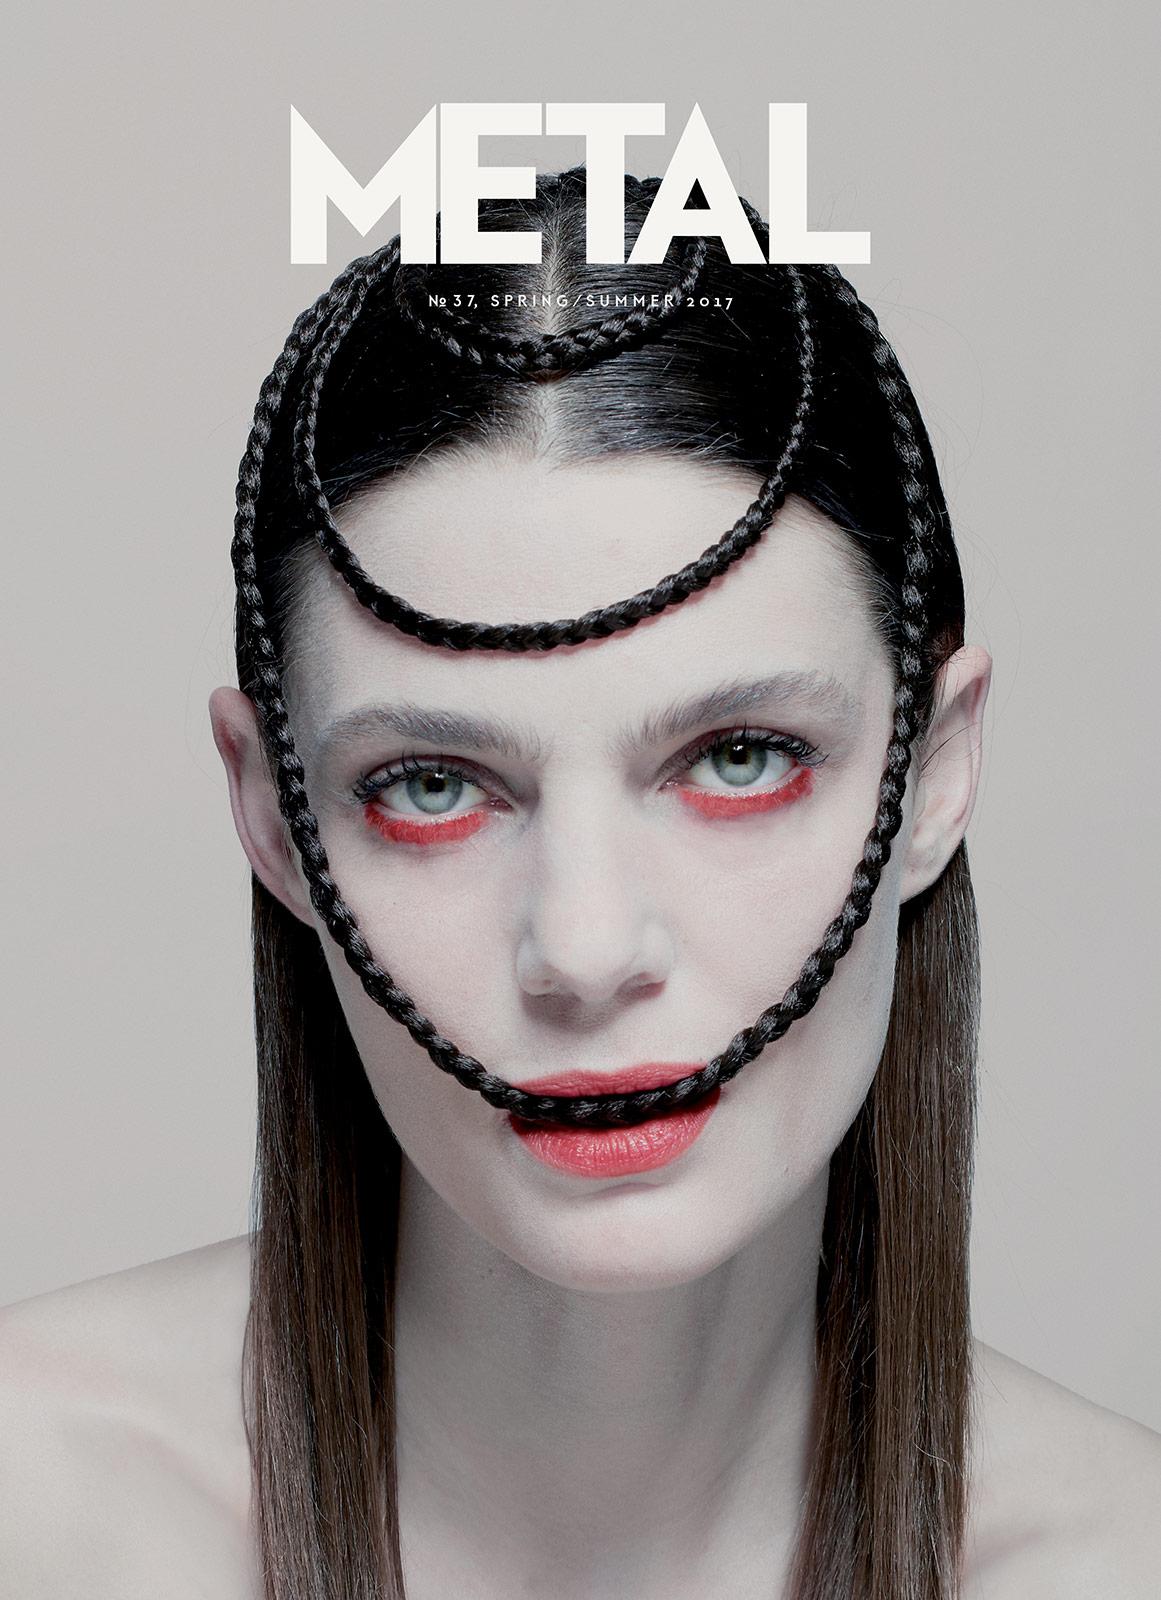 COVER 8 - Marina Pérez photographed by Biel Capllonch.